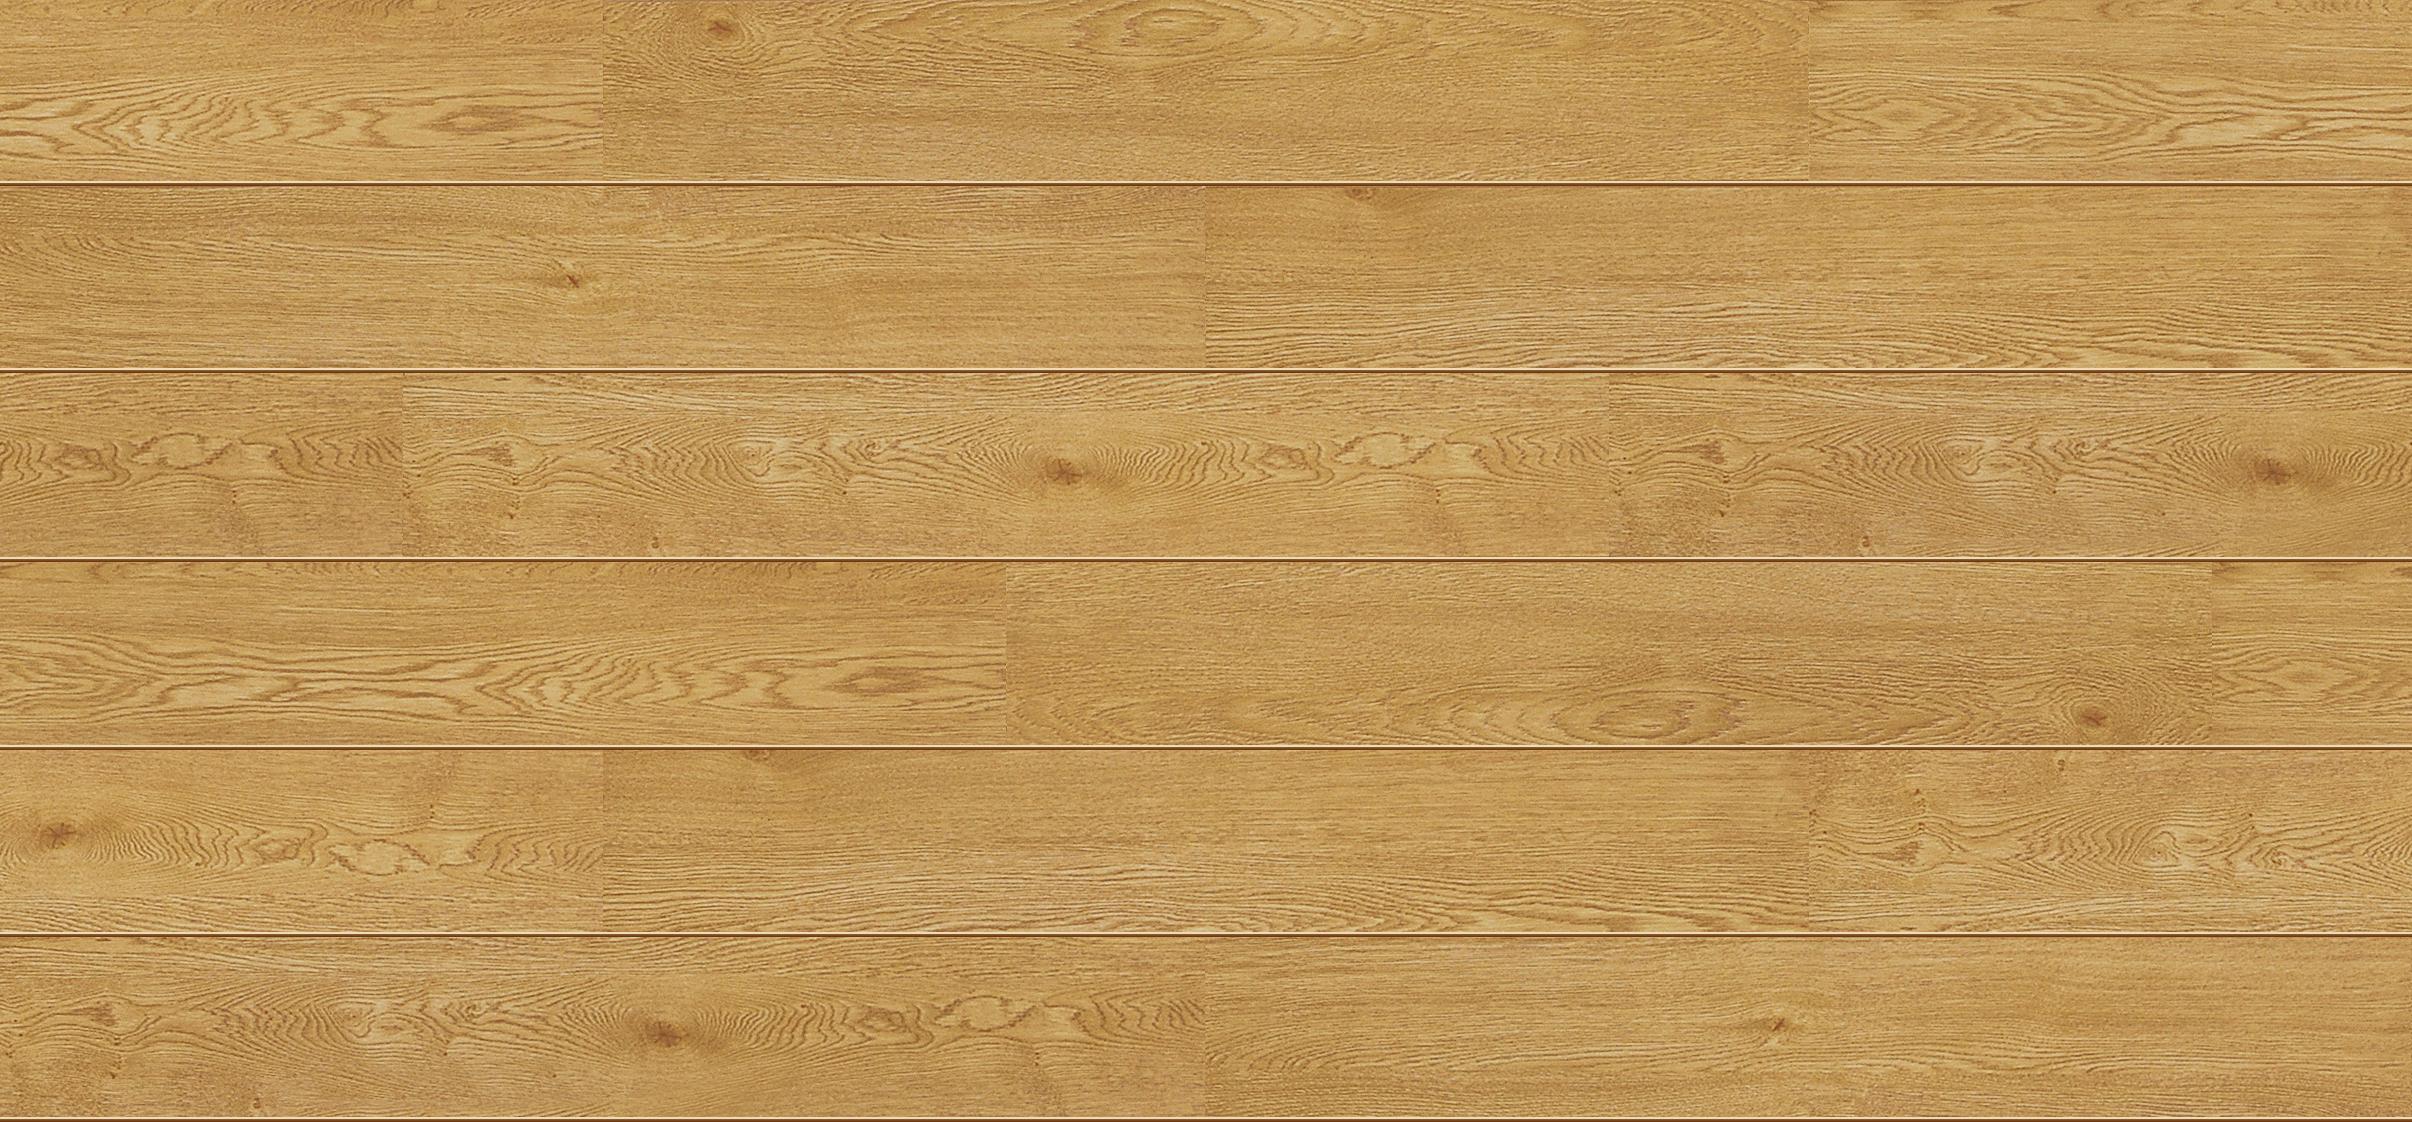 高清高品质木地板贴图浅色系